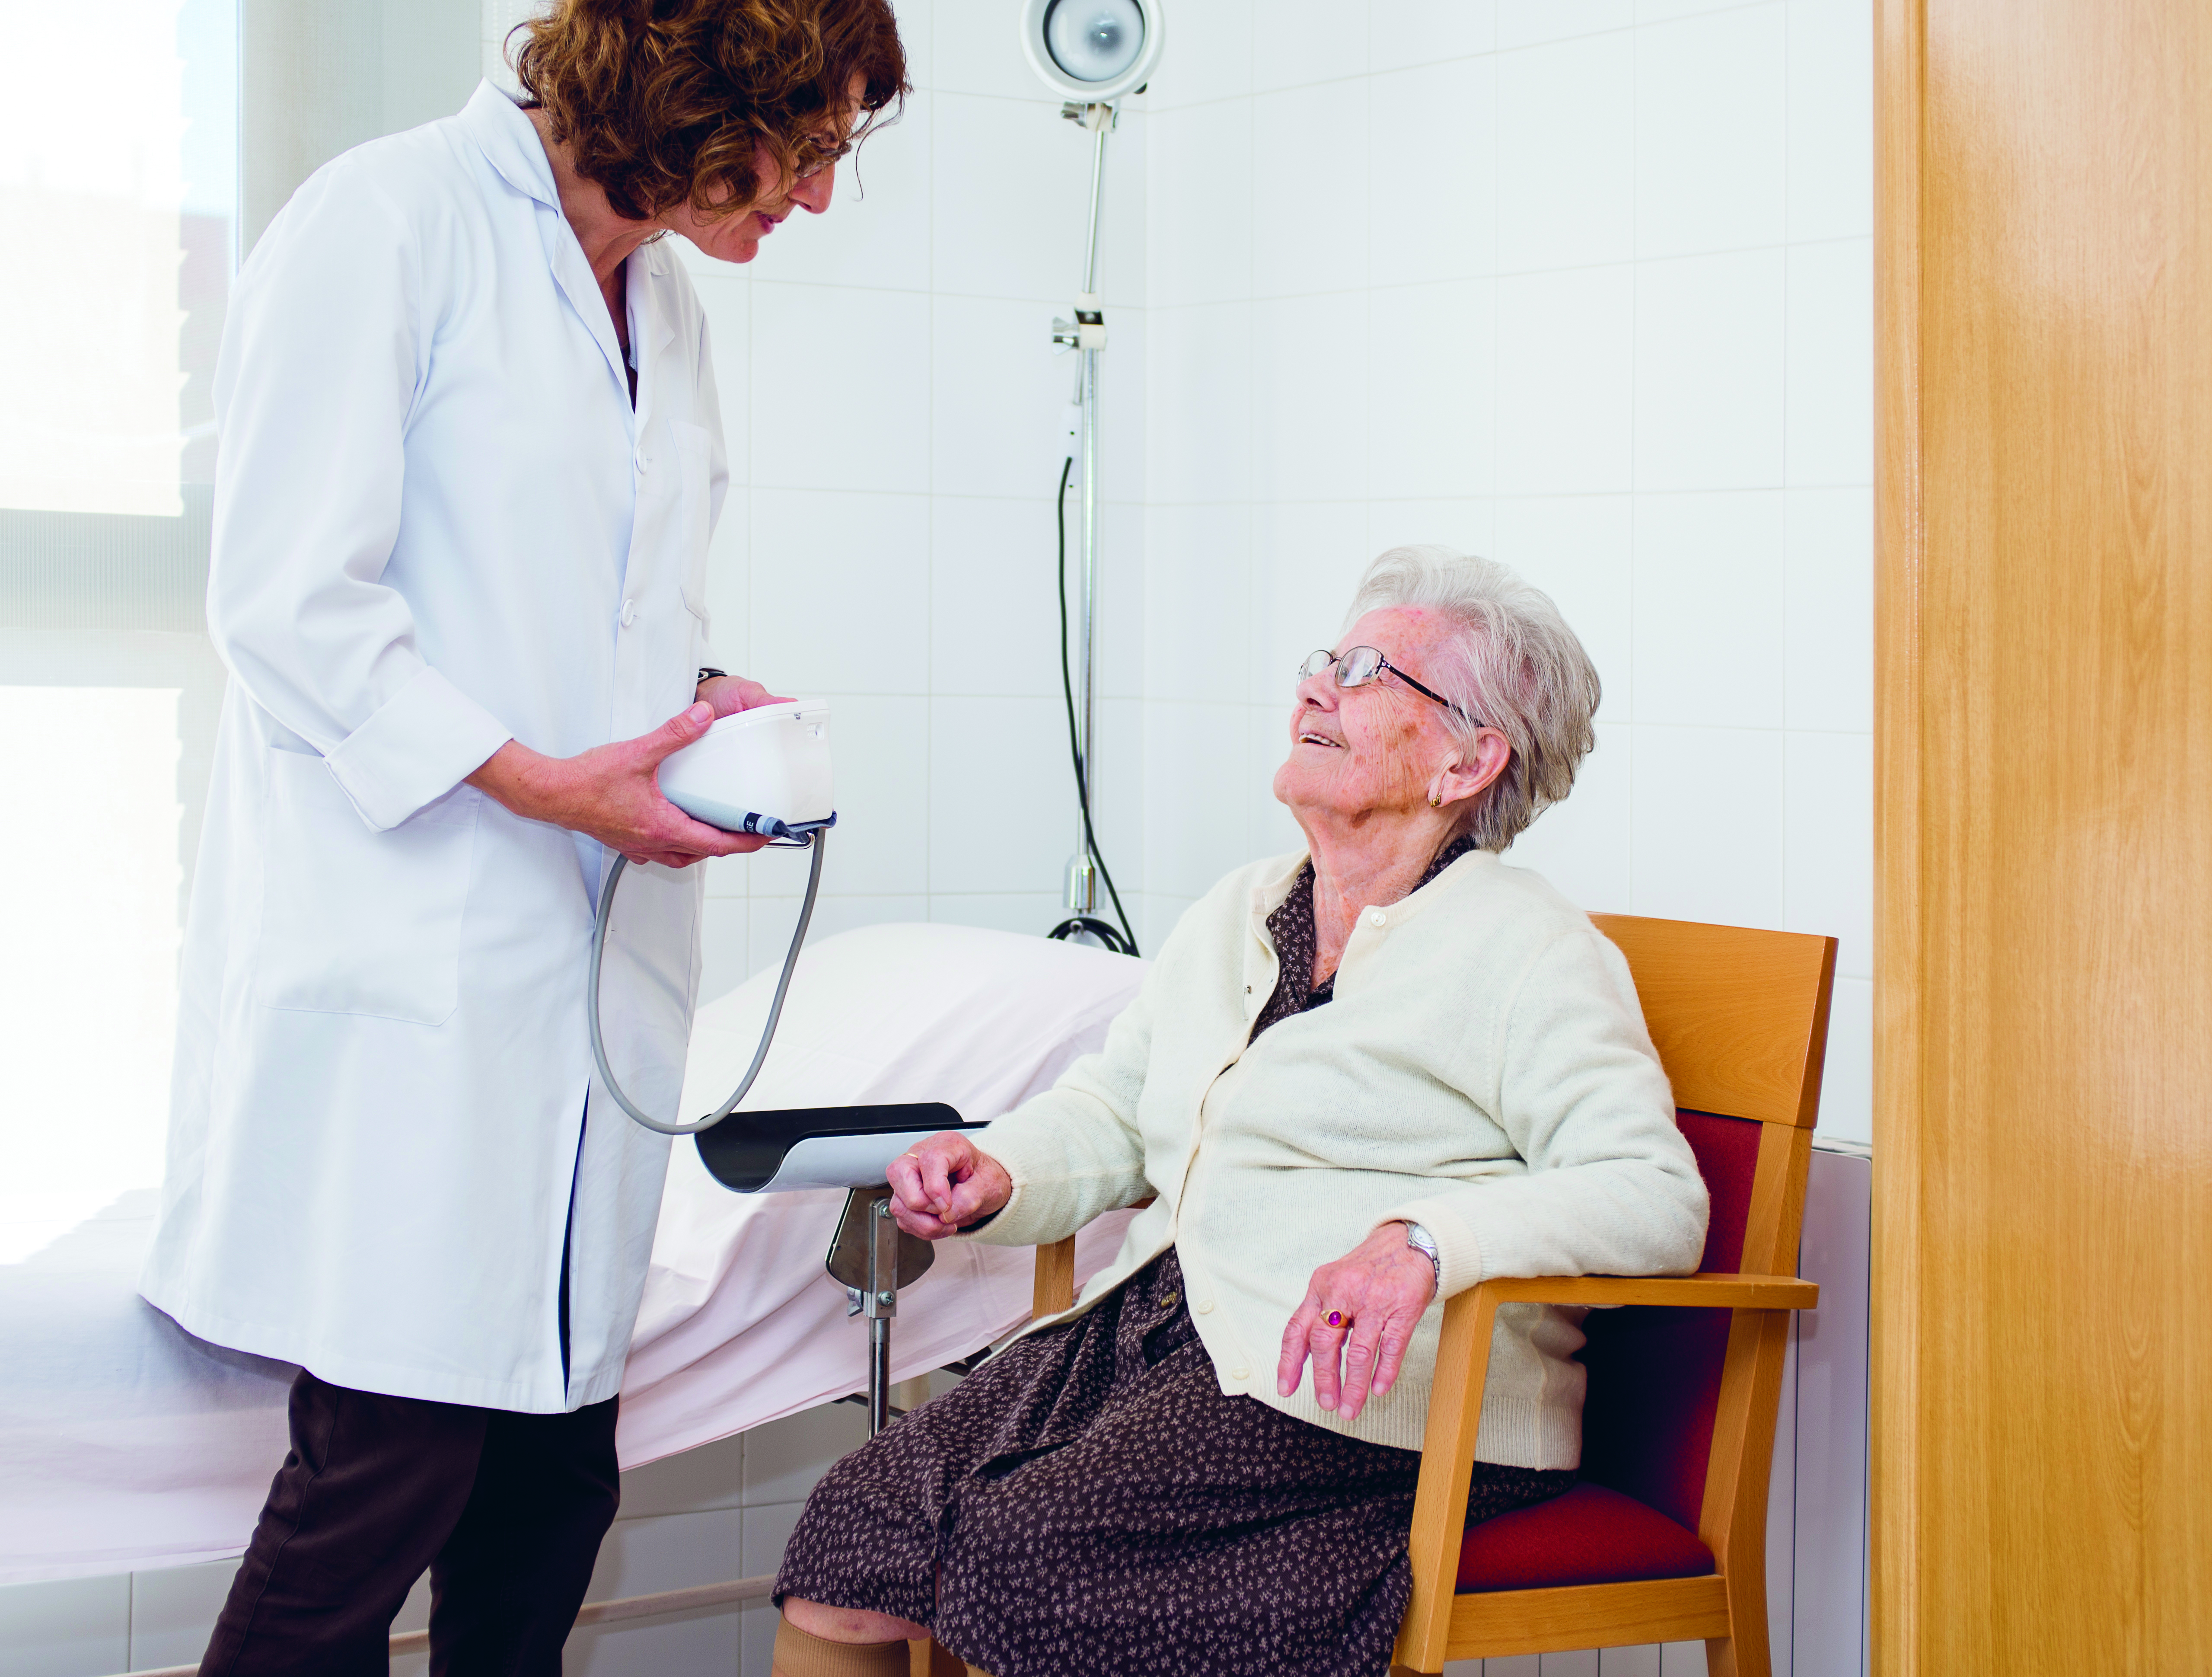 atención médica - Servicios que favorecen la permanencia en casa: Servicio de ayuda a domicilio y acompañamientos sociosanitarios